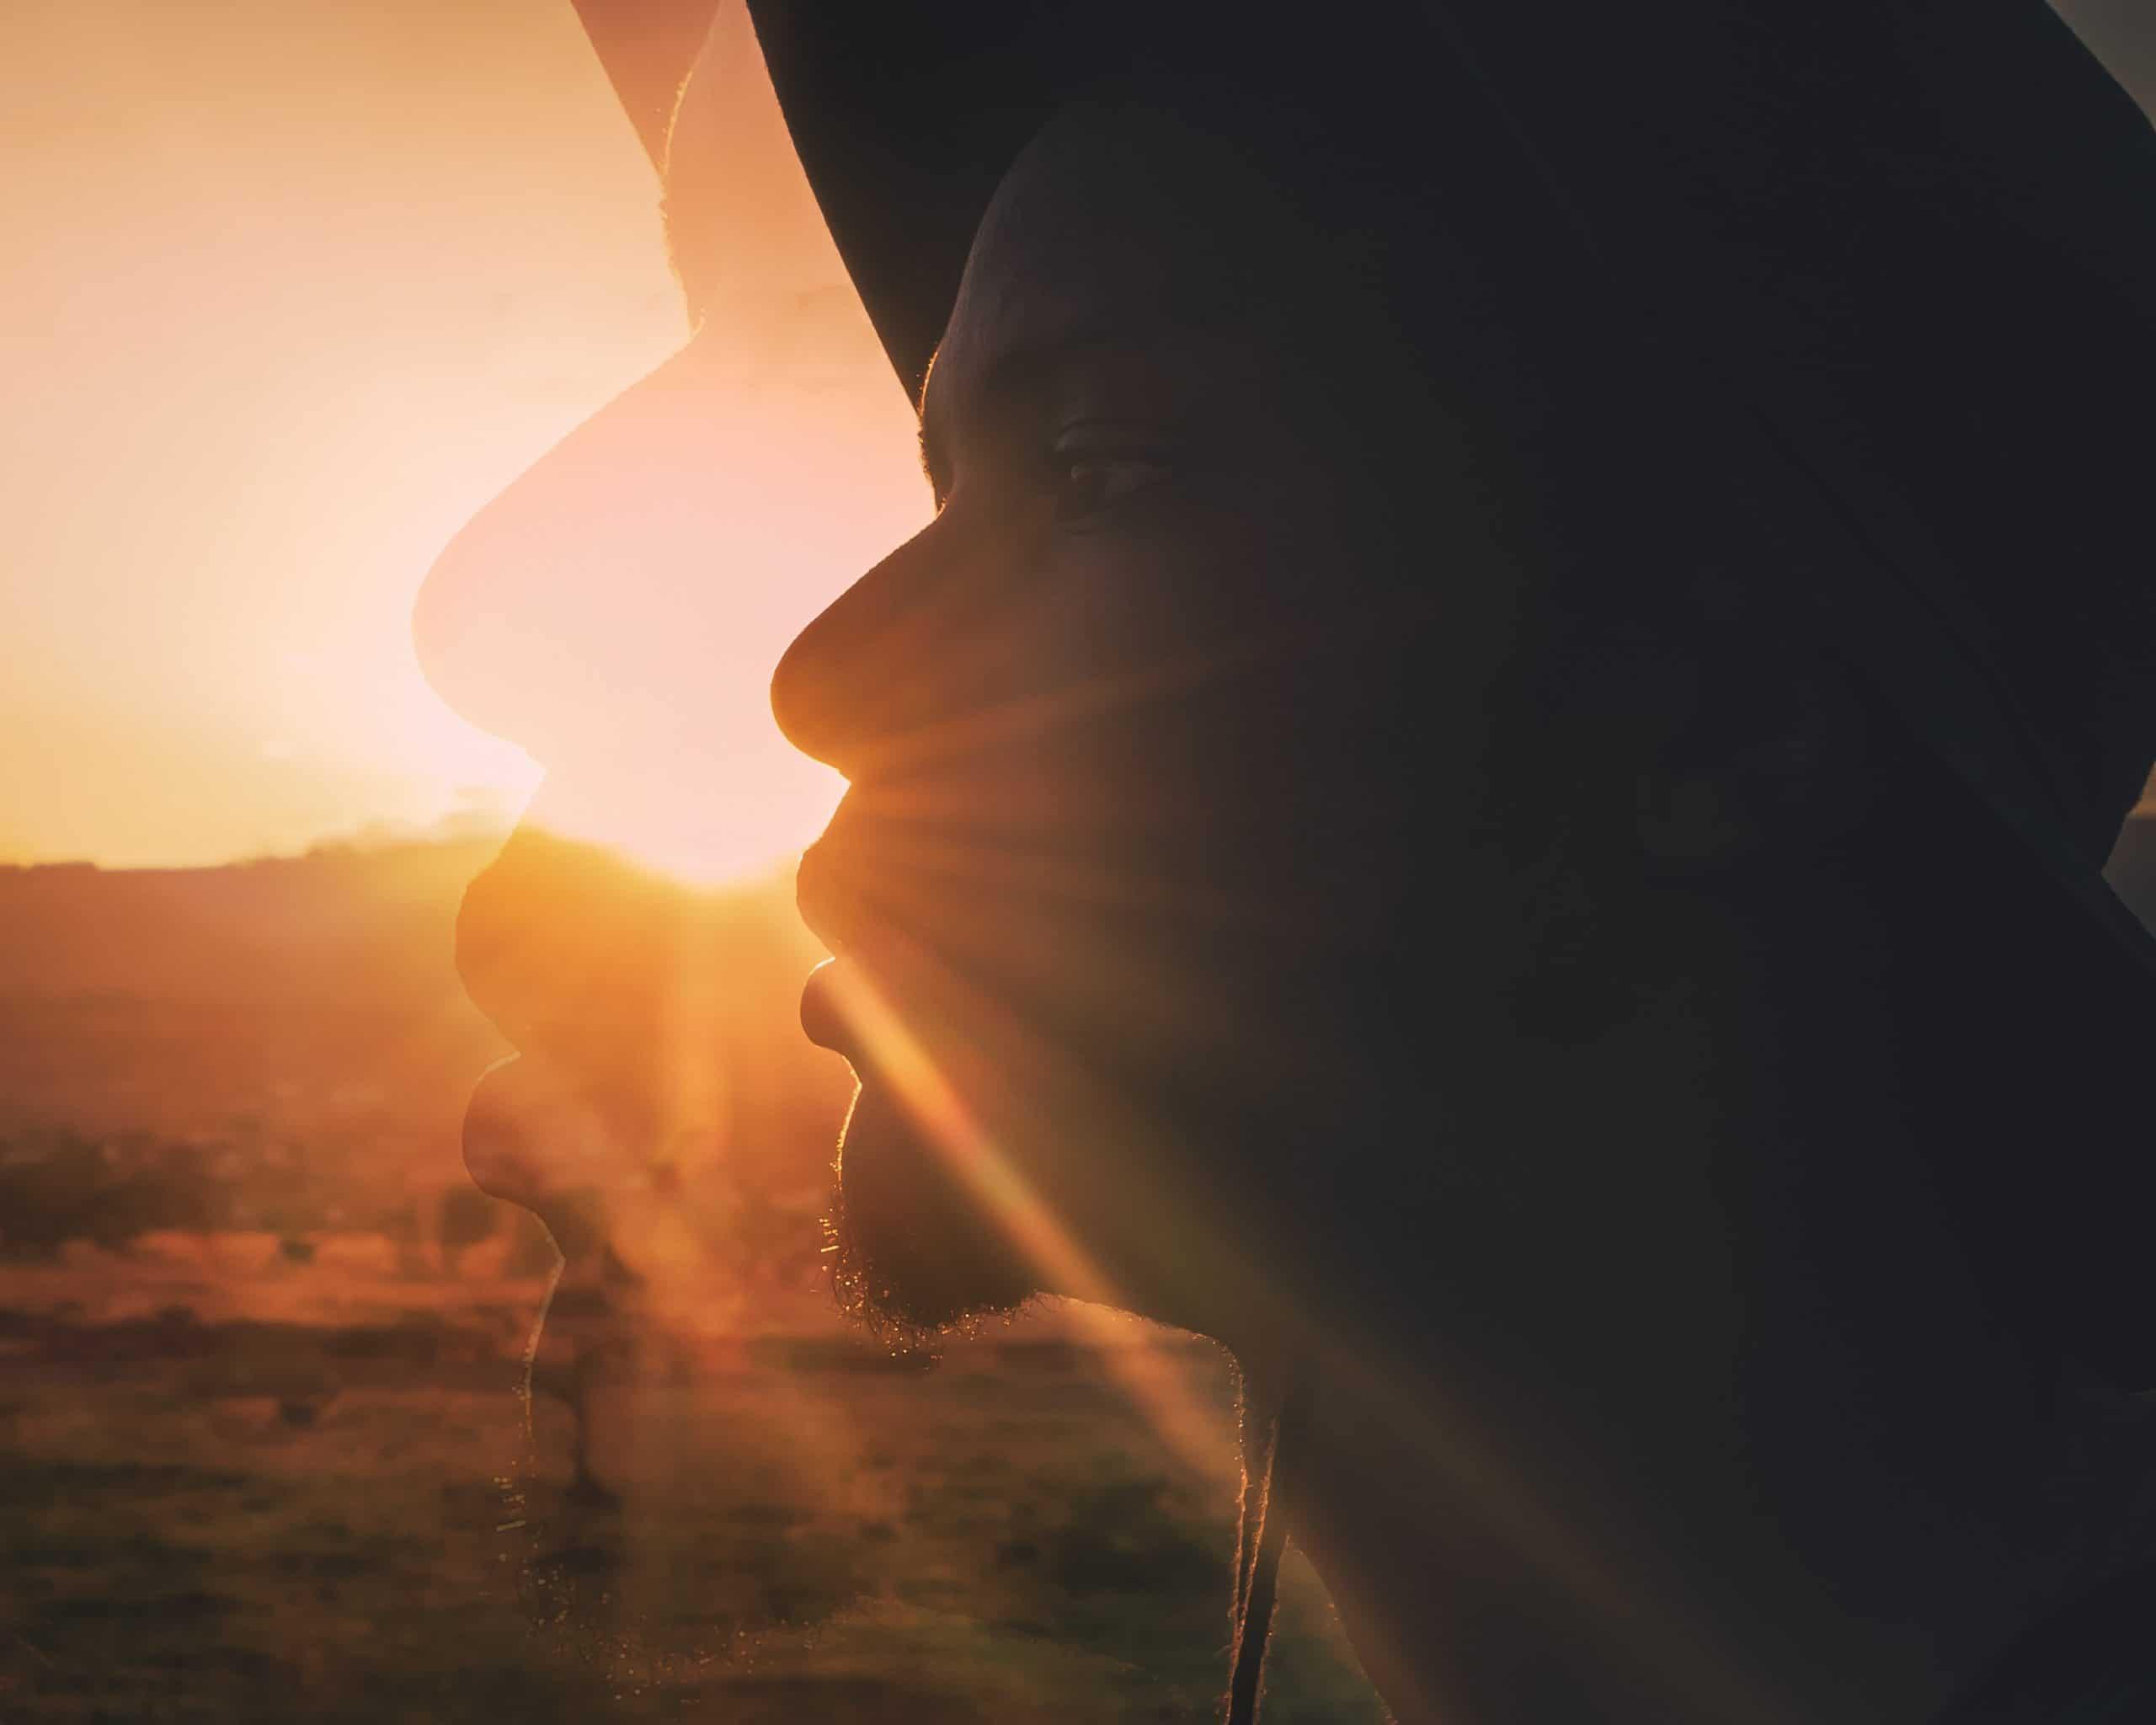 Rosto visto de lado com sol refletido de frente para a foto